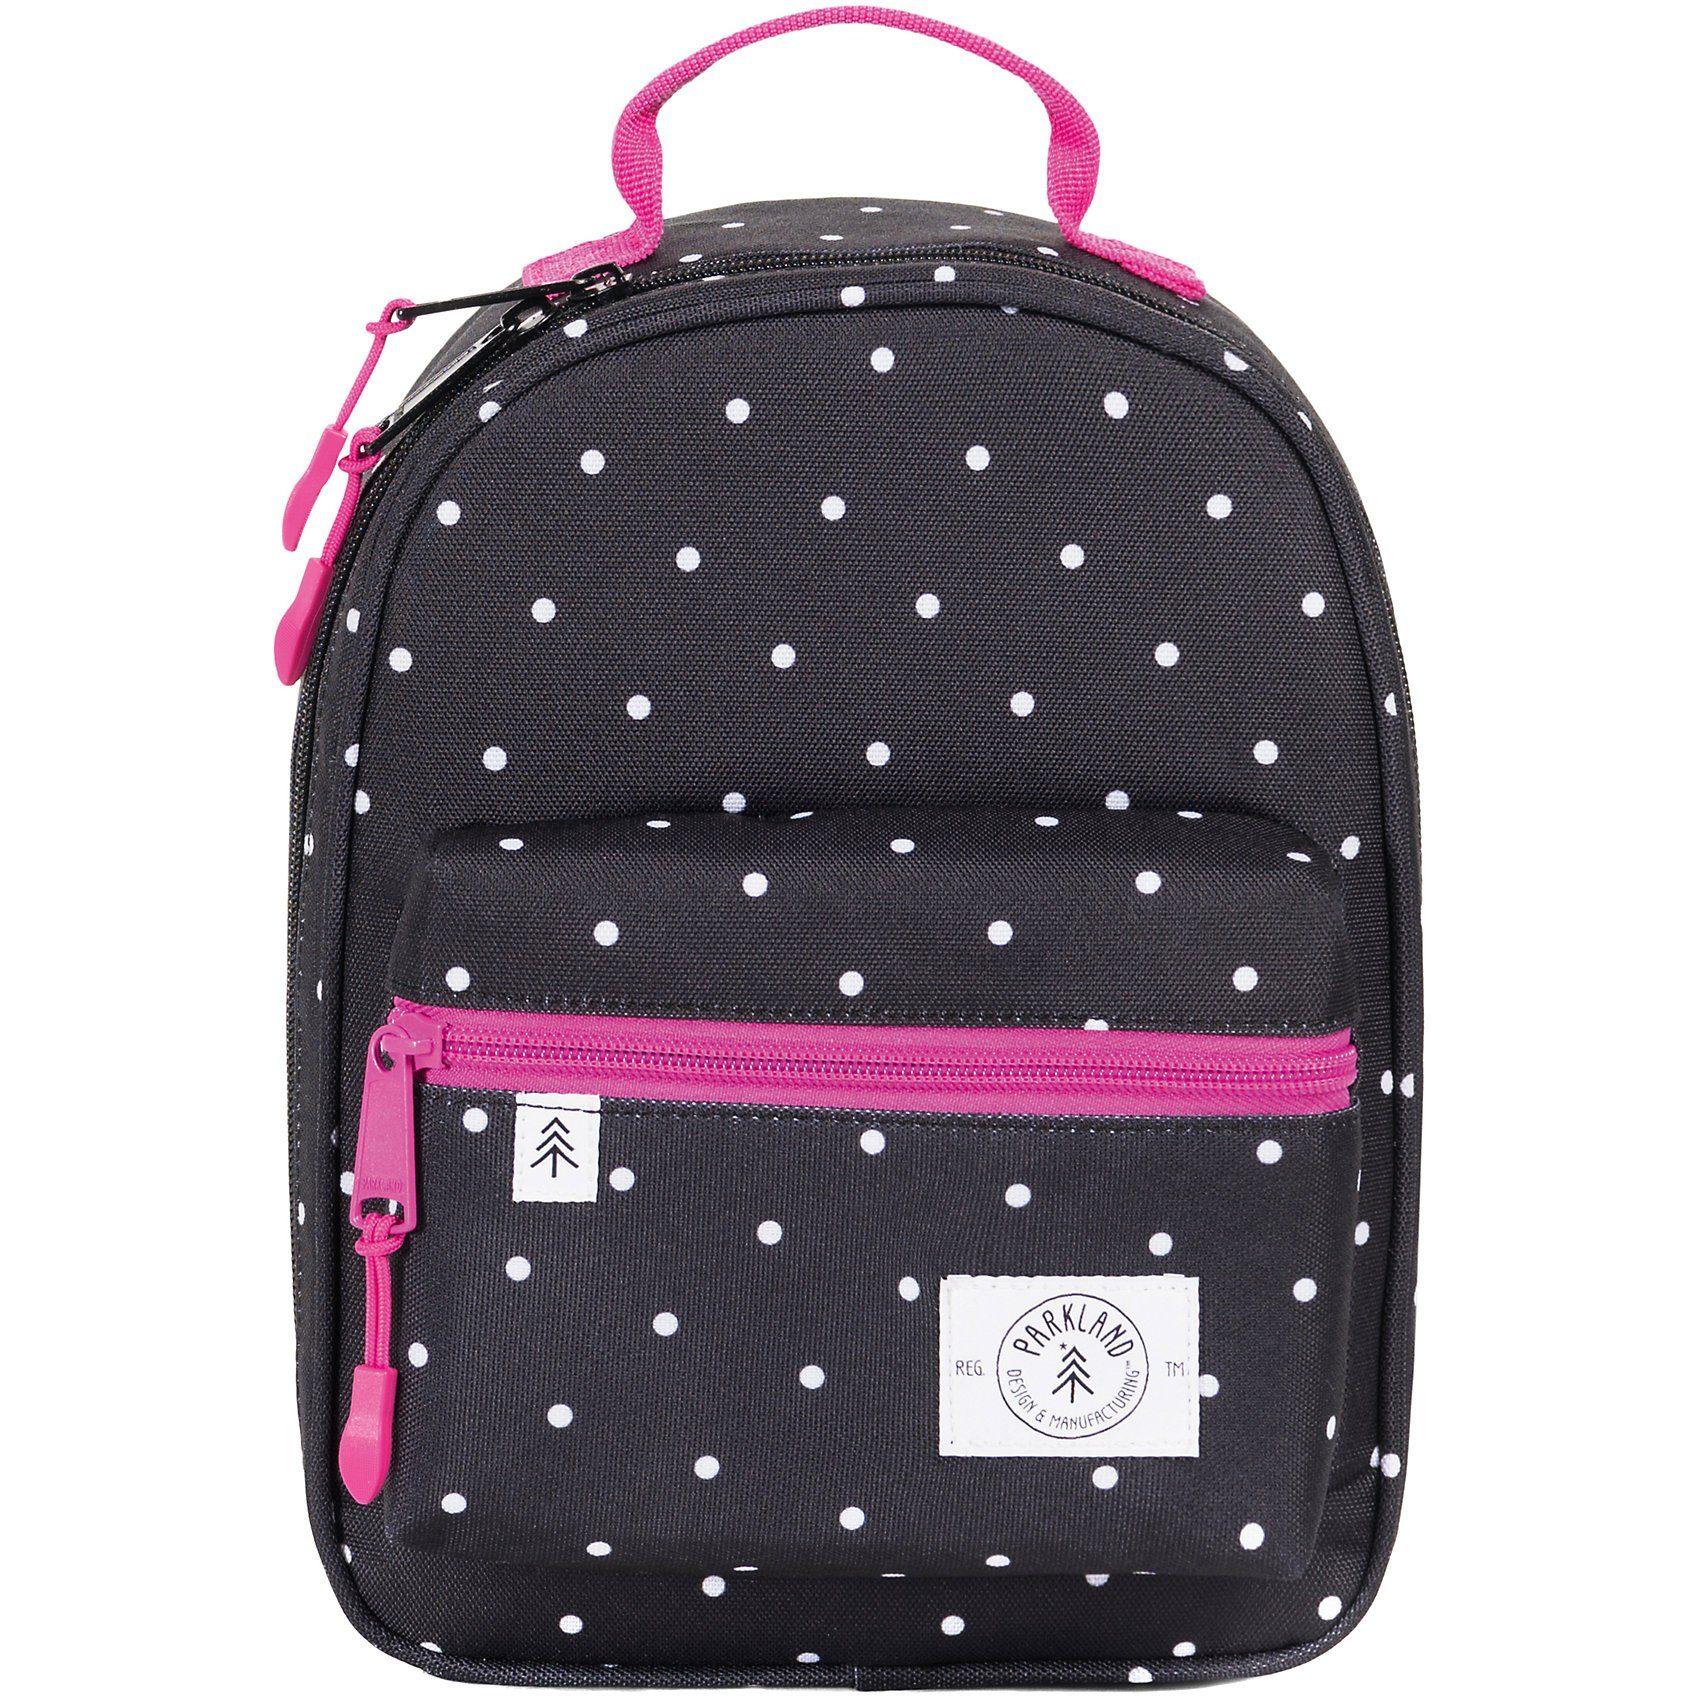 Unisex PARKLAND Kühltasche Lunch Bag THE RODEO Polka Dots schwarz | 00828432199884